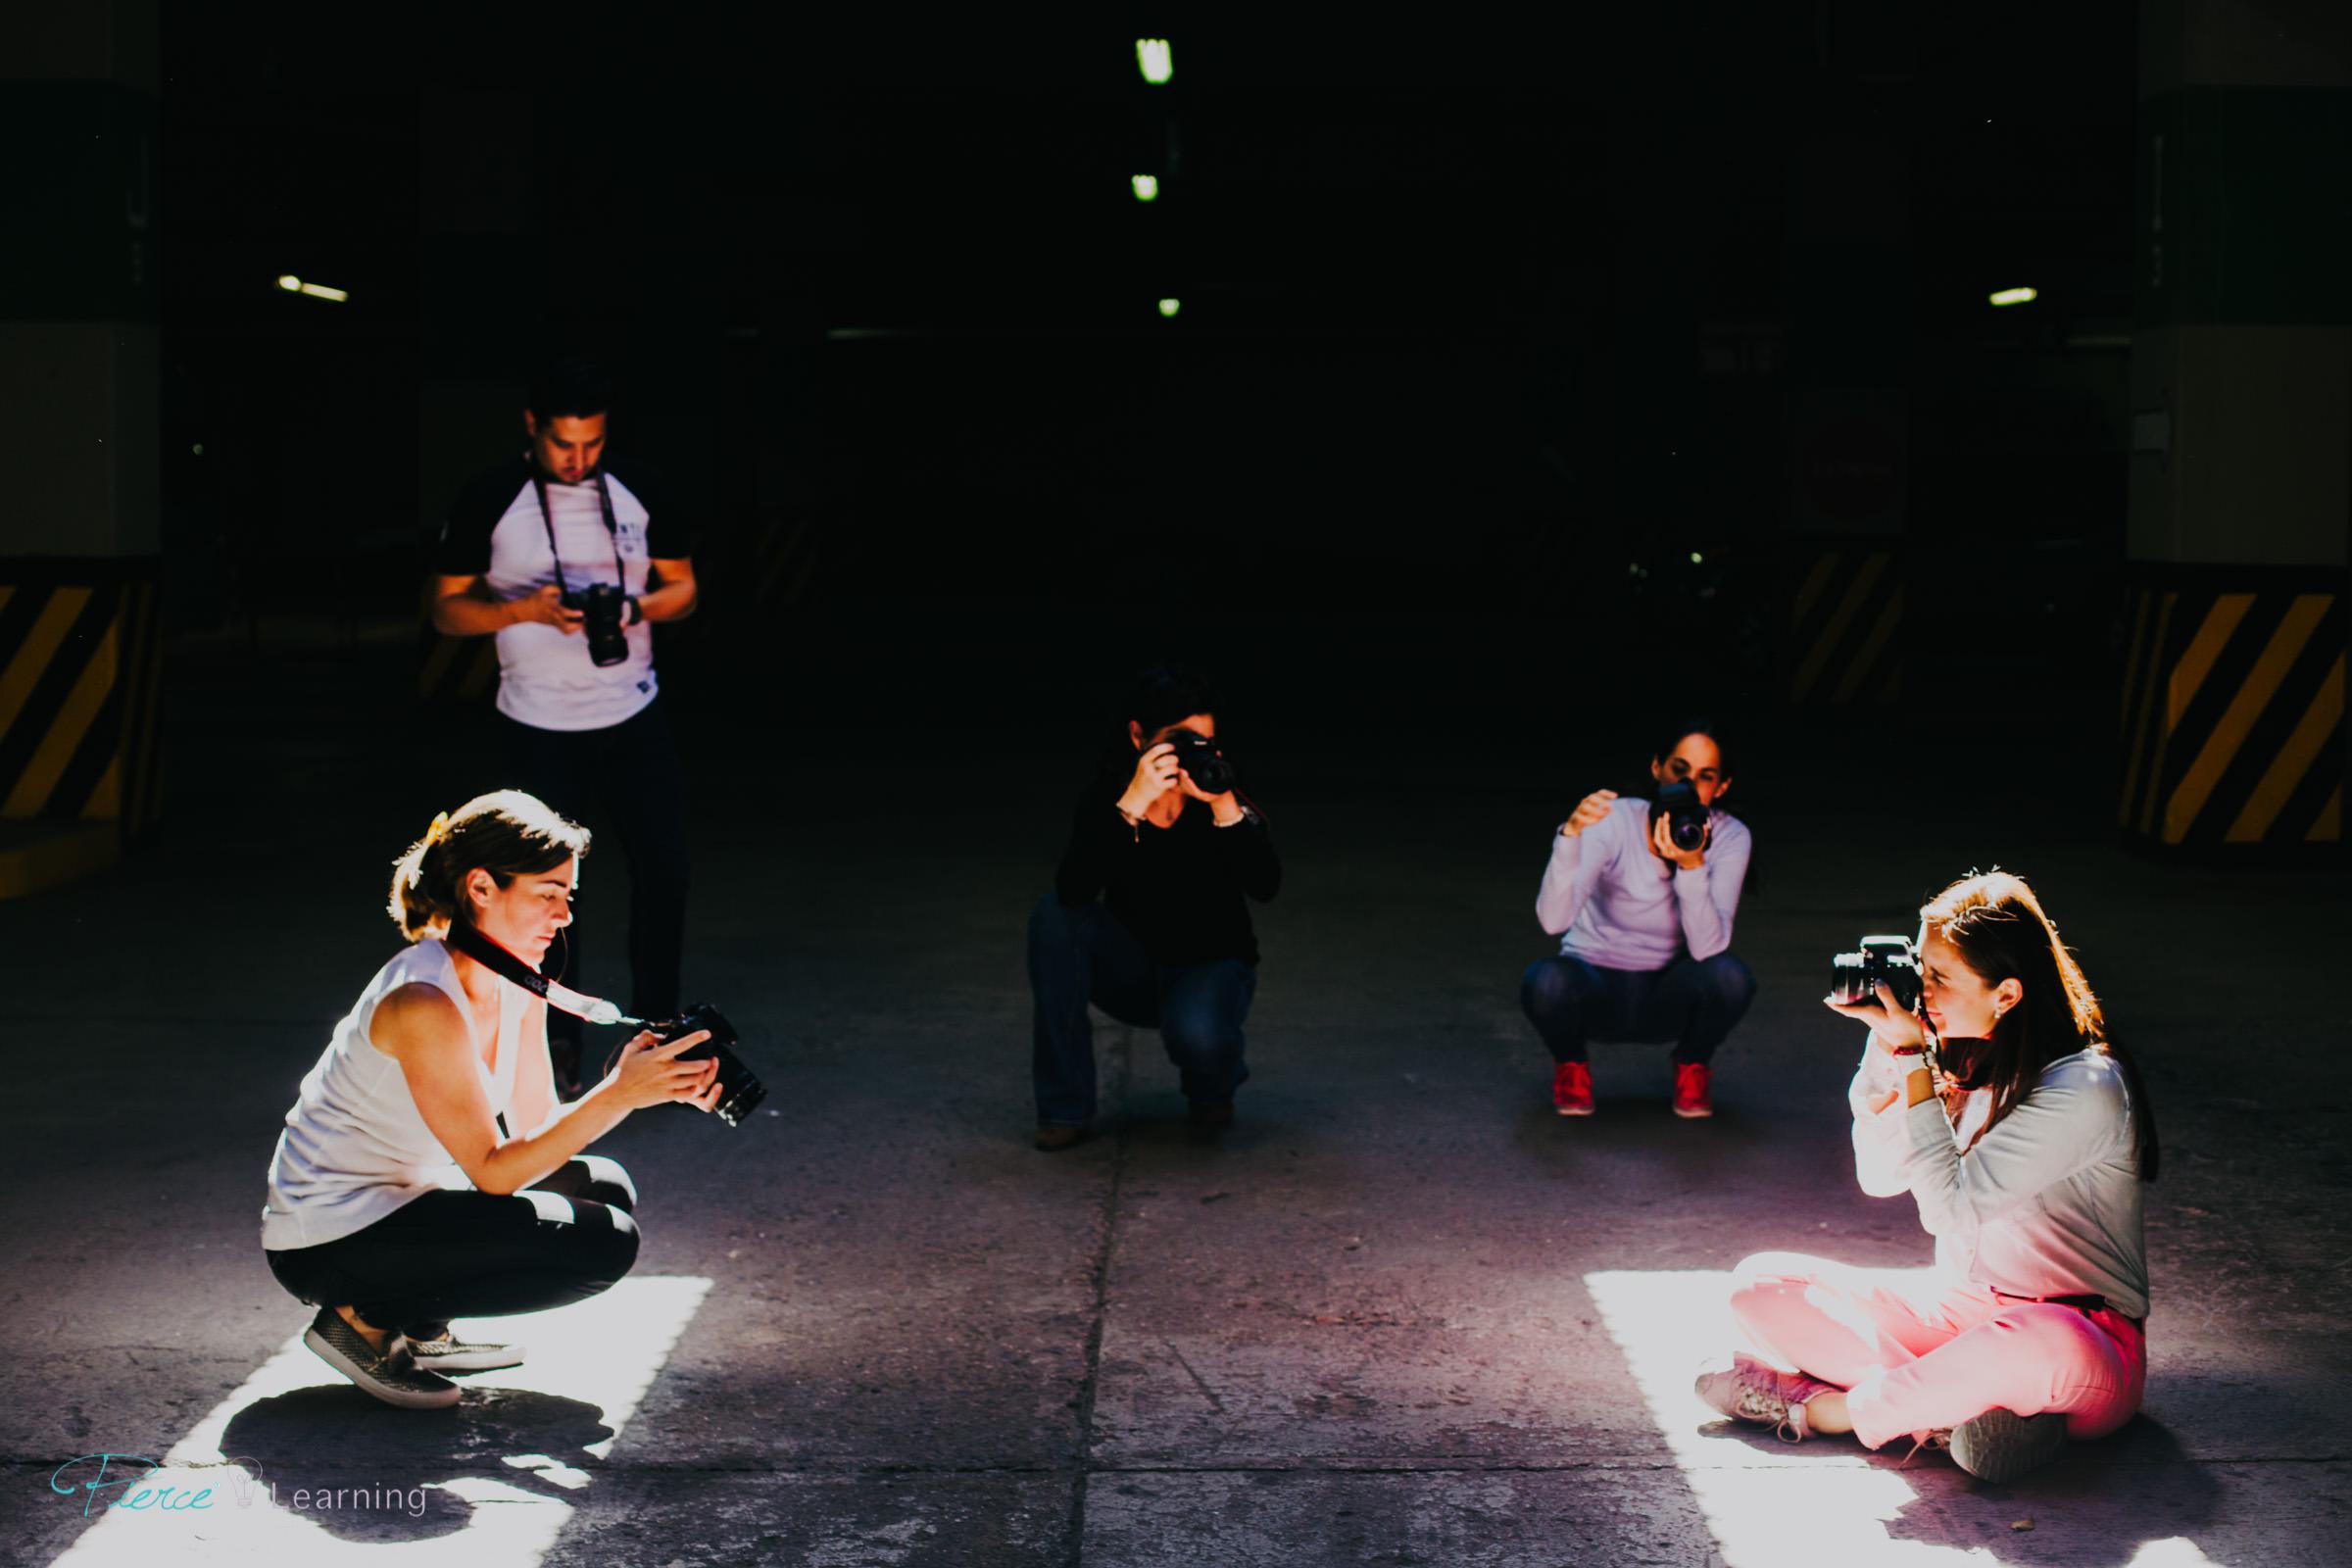 Workshop-Curso-Fotografia-Leon-Guanajuato-Mexico-Pierce-40.jpg